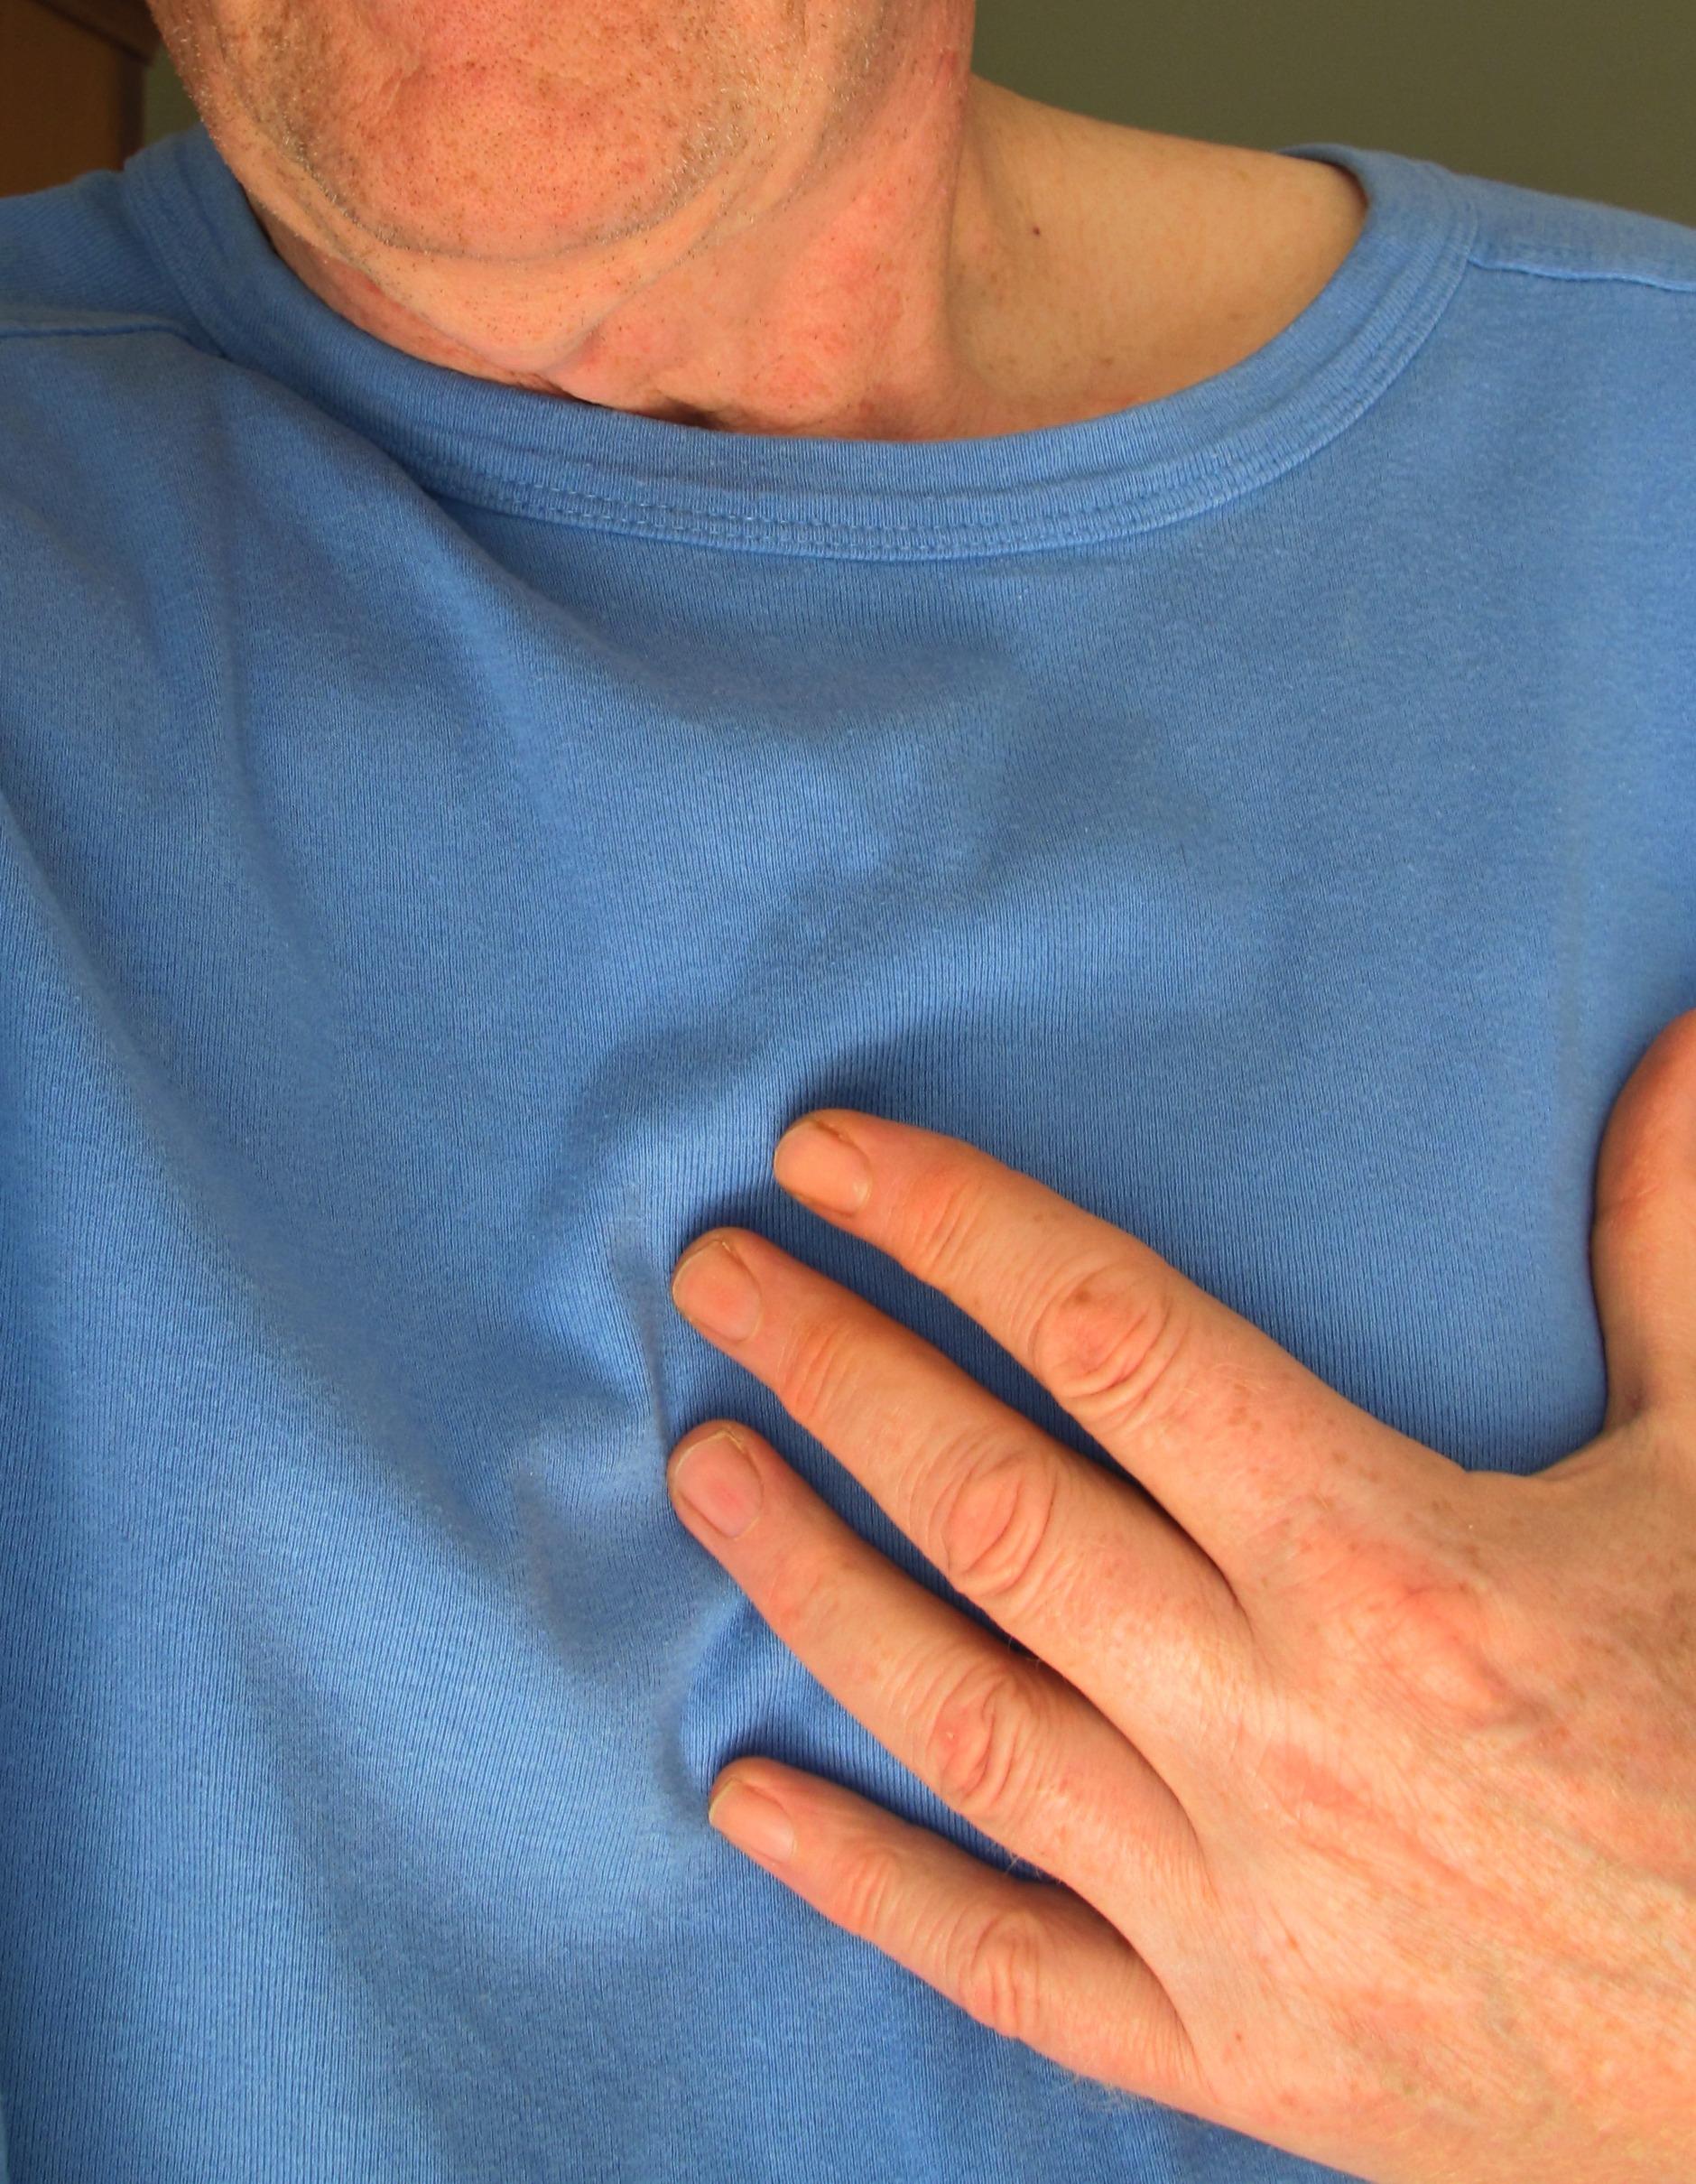 Atemnot und Abgeschlagenheit: Herzschwäche kann dahinterstecken